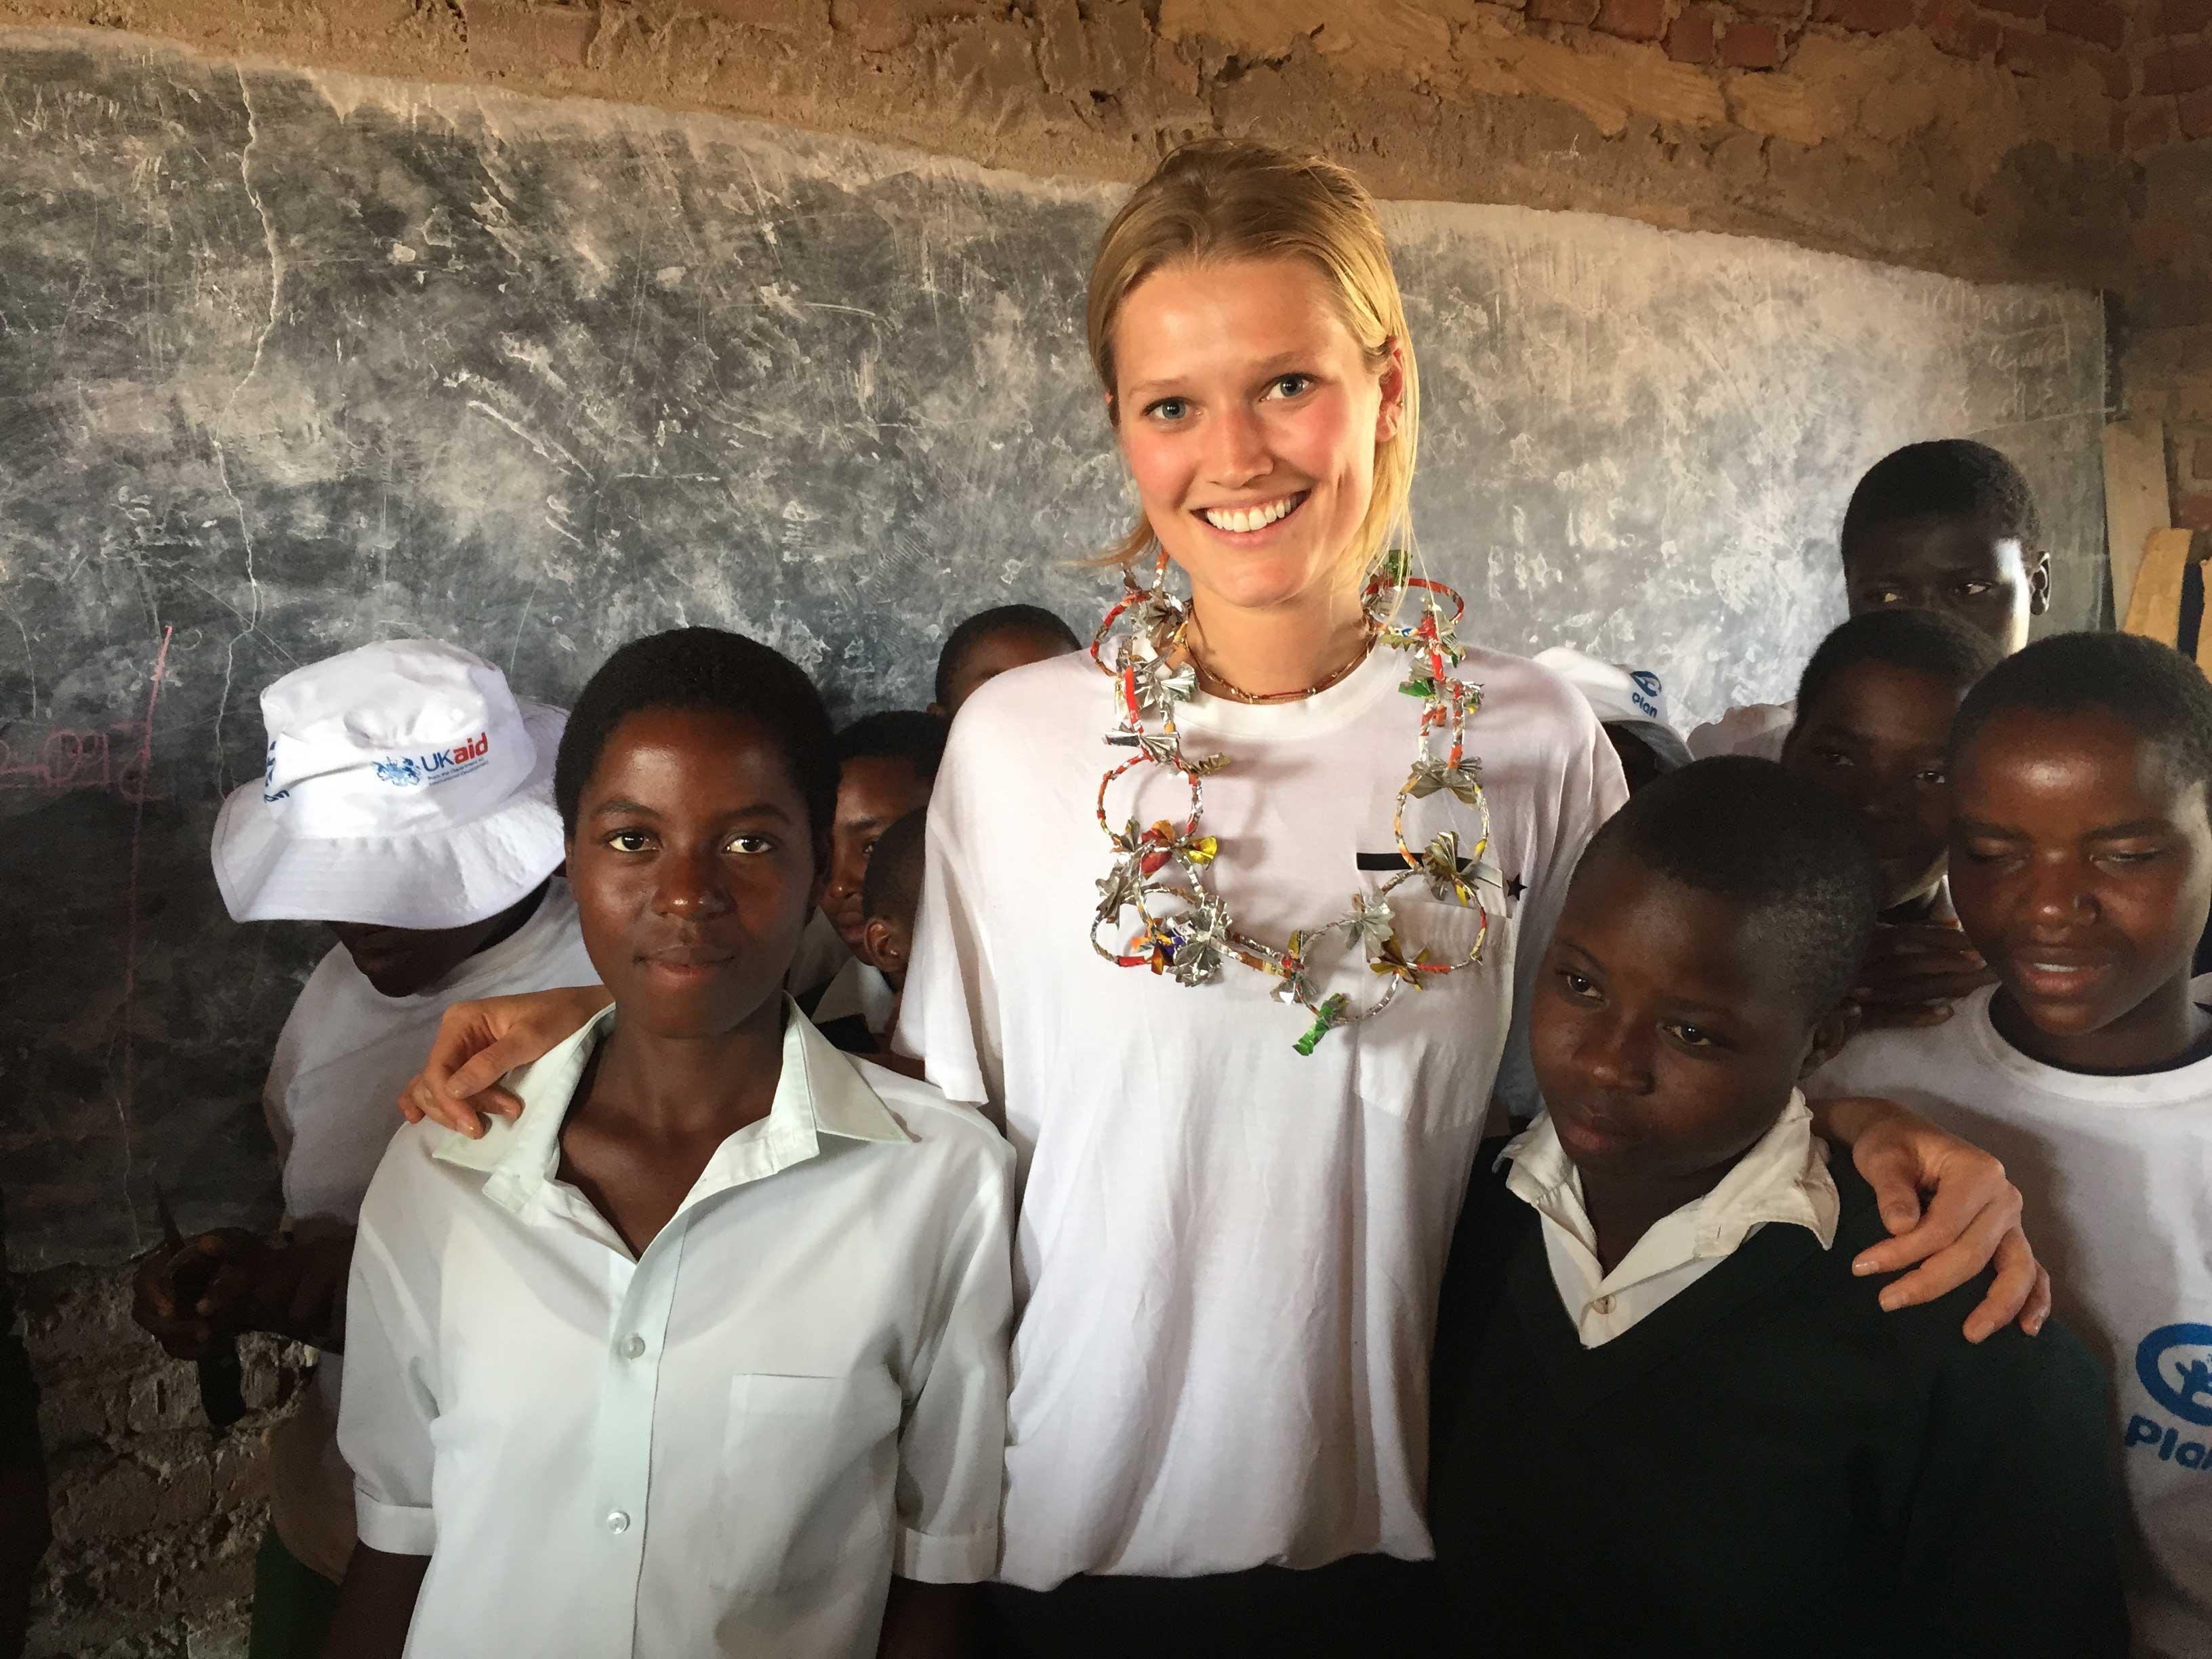 Toni Garrn, international bekanntes Model und Plan-Botschafterin, präsentiert die Charity-Aktion von FASHION2NIGHT zugunsten der Kinderhilfsorganisation Plan International. © AJG Model-Support